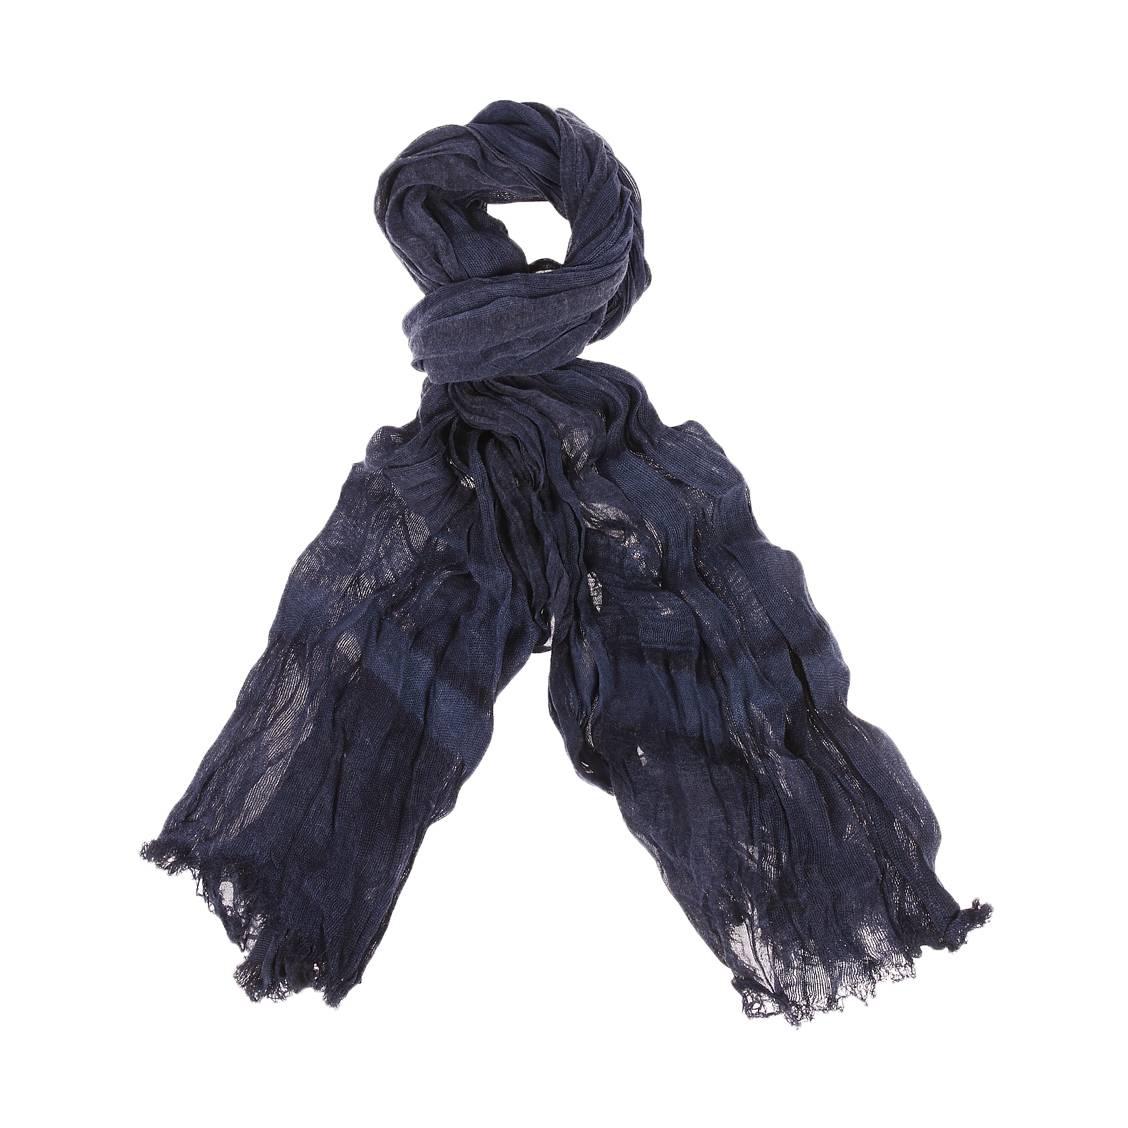 Chèche Pepe Jeans Eidenhoven en coton mélangé à rayures bleu marine et bleu pétrole